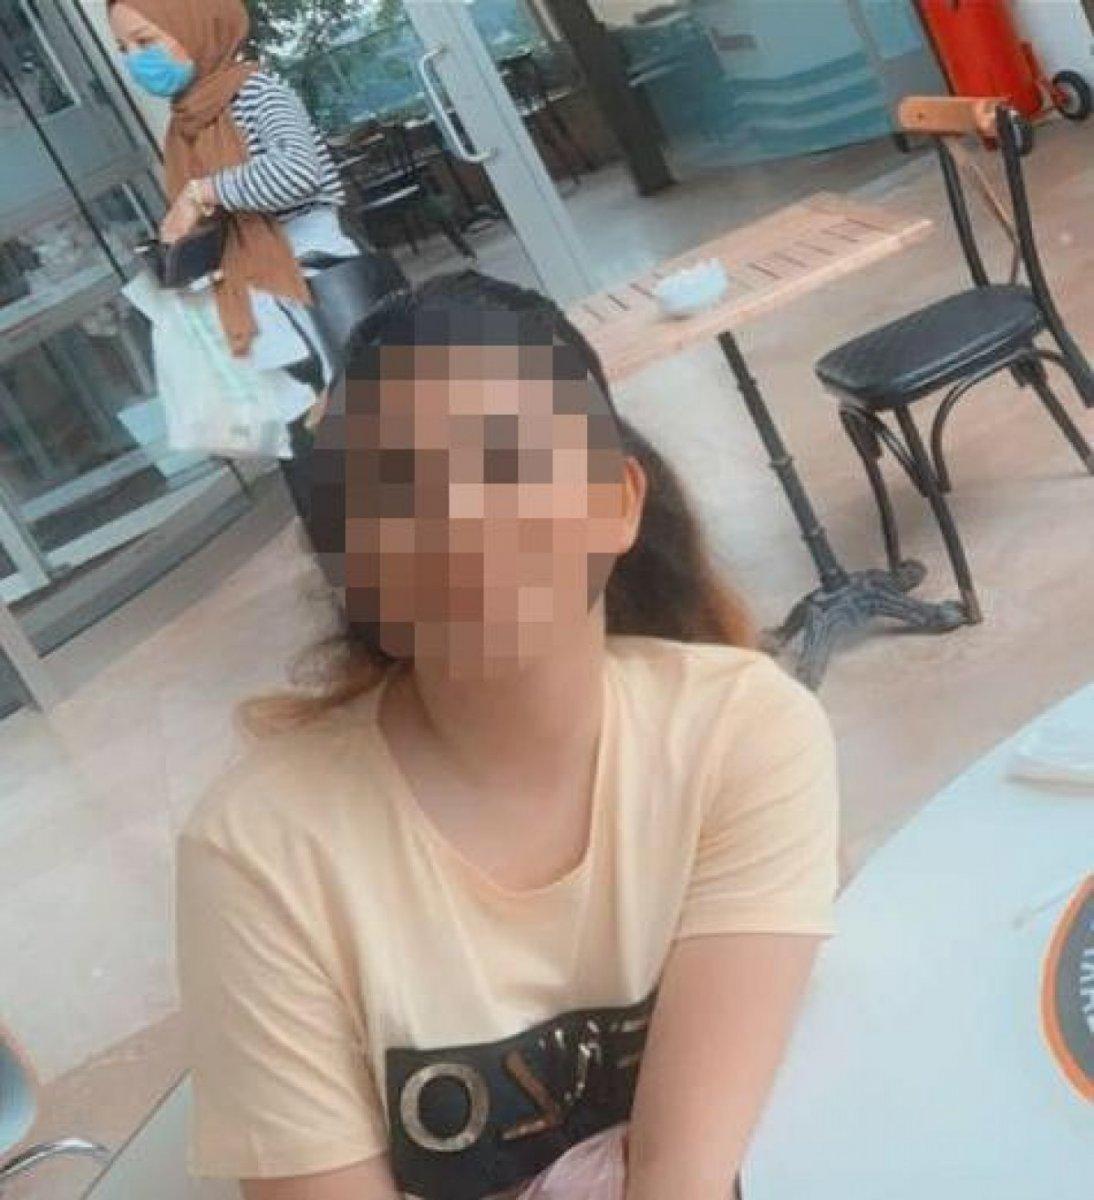 Mardin'de cinsel istismar davasında 'neden bağırmadın' sorusu tepki çekti #6